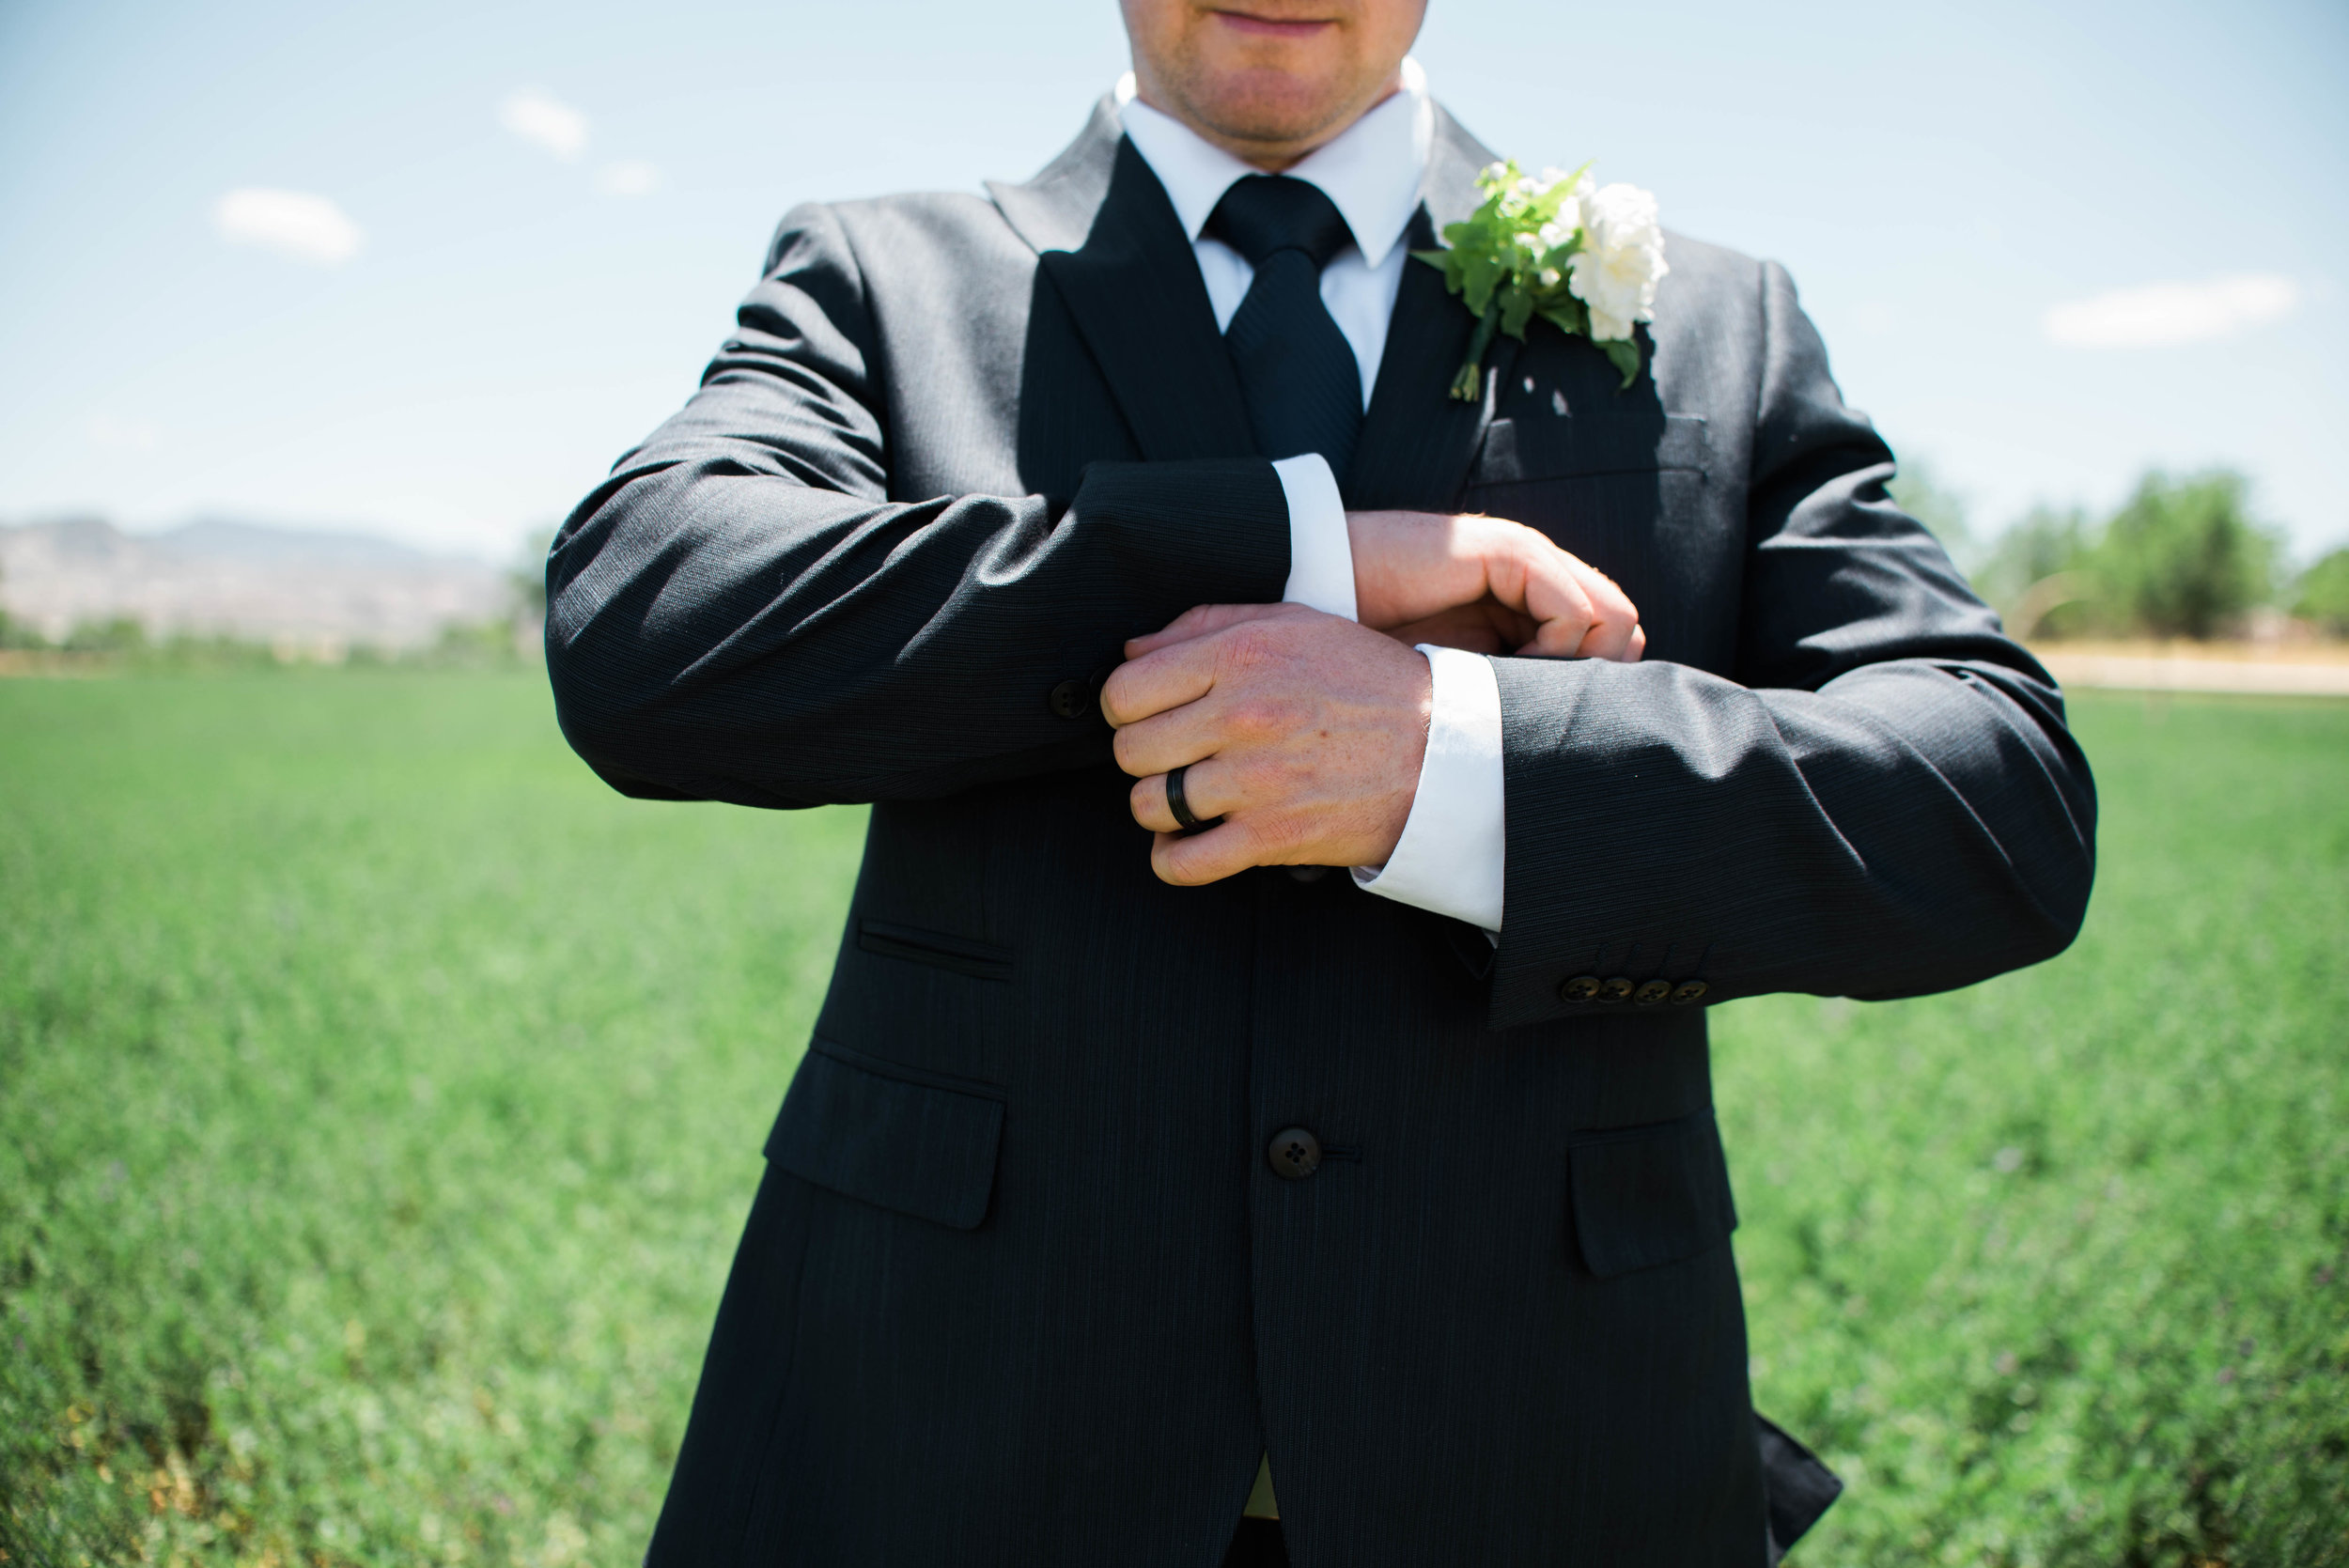 M+J-WEDDING-DAY-Sadie_Banks_Photography-467.jpg